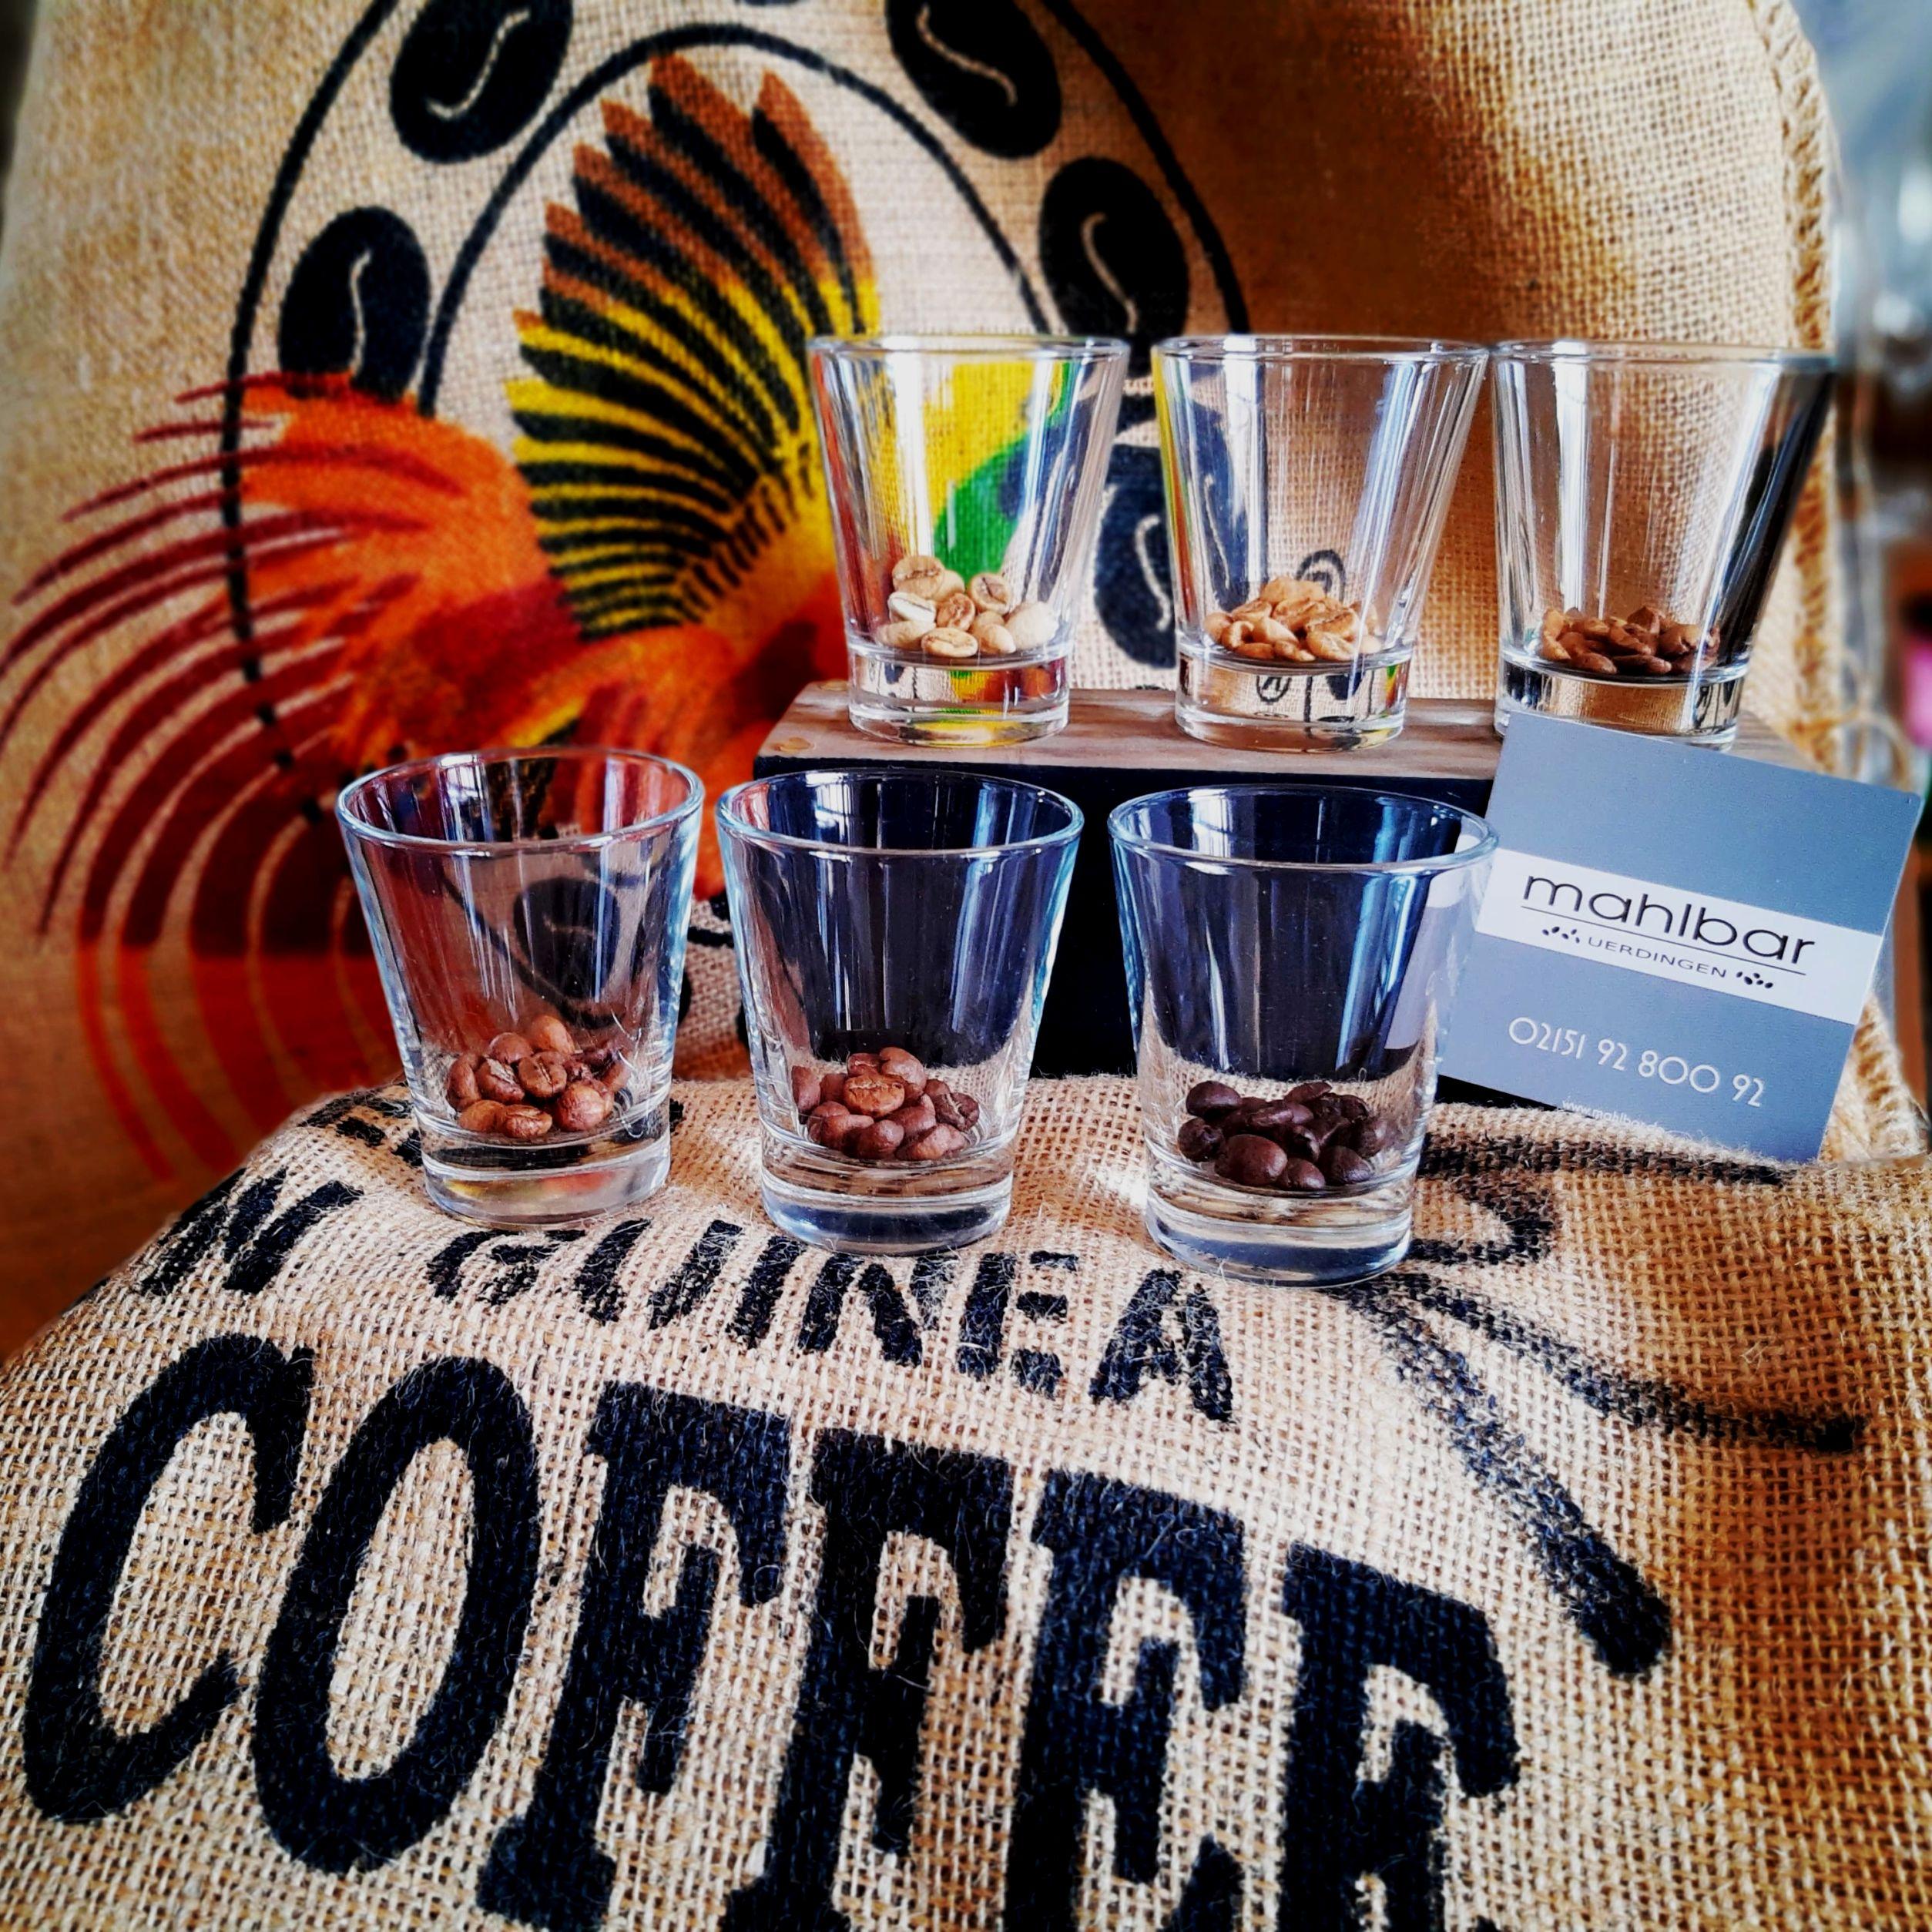 Mahlbar Röstkaffee-Manufaktur